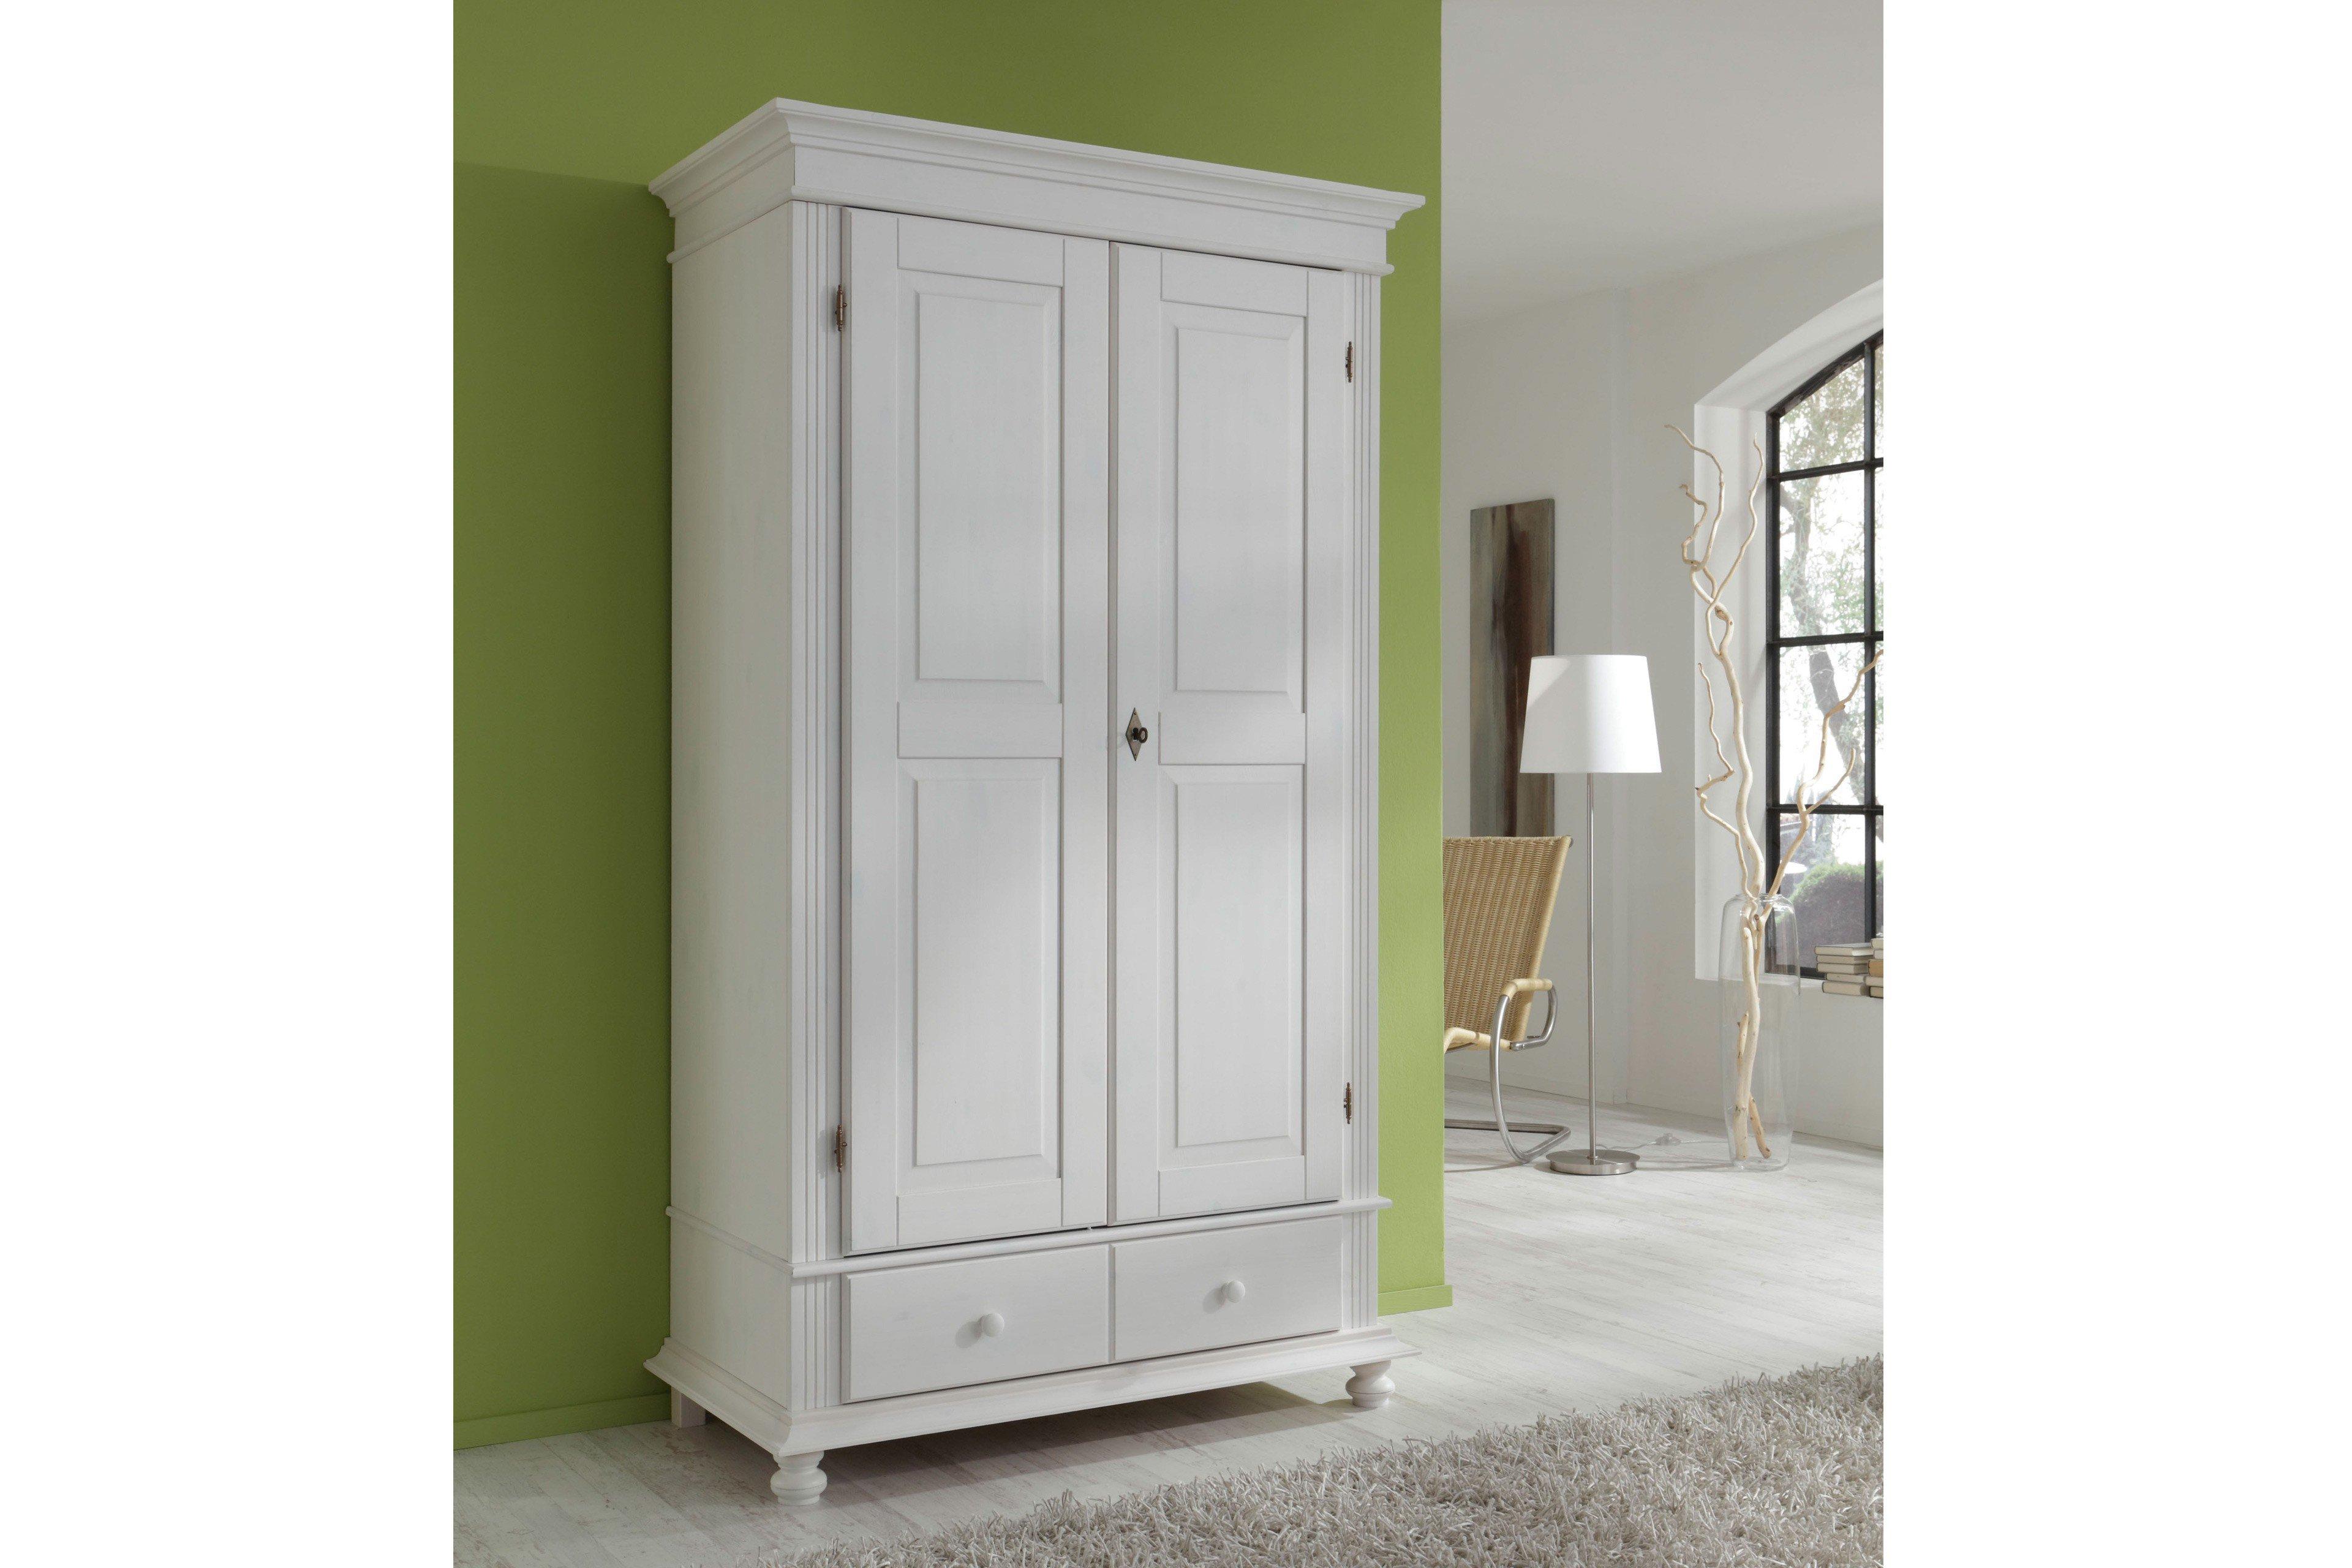 forestdream dielenschrank montana ii in pine wei m bel letz ihr online shop. Black Bedroom Furniture Sets. Home Design Ideas